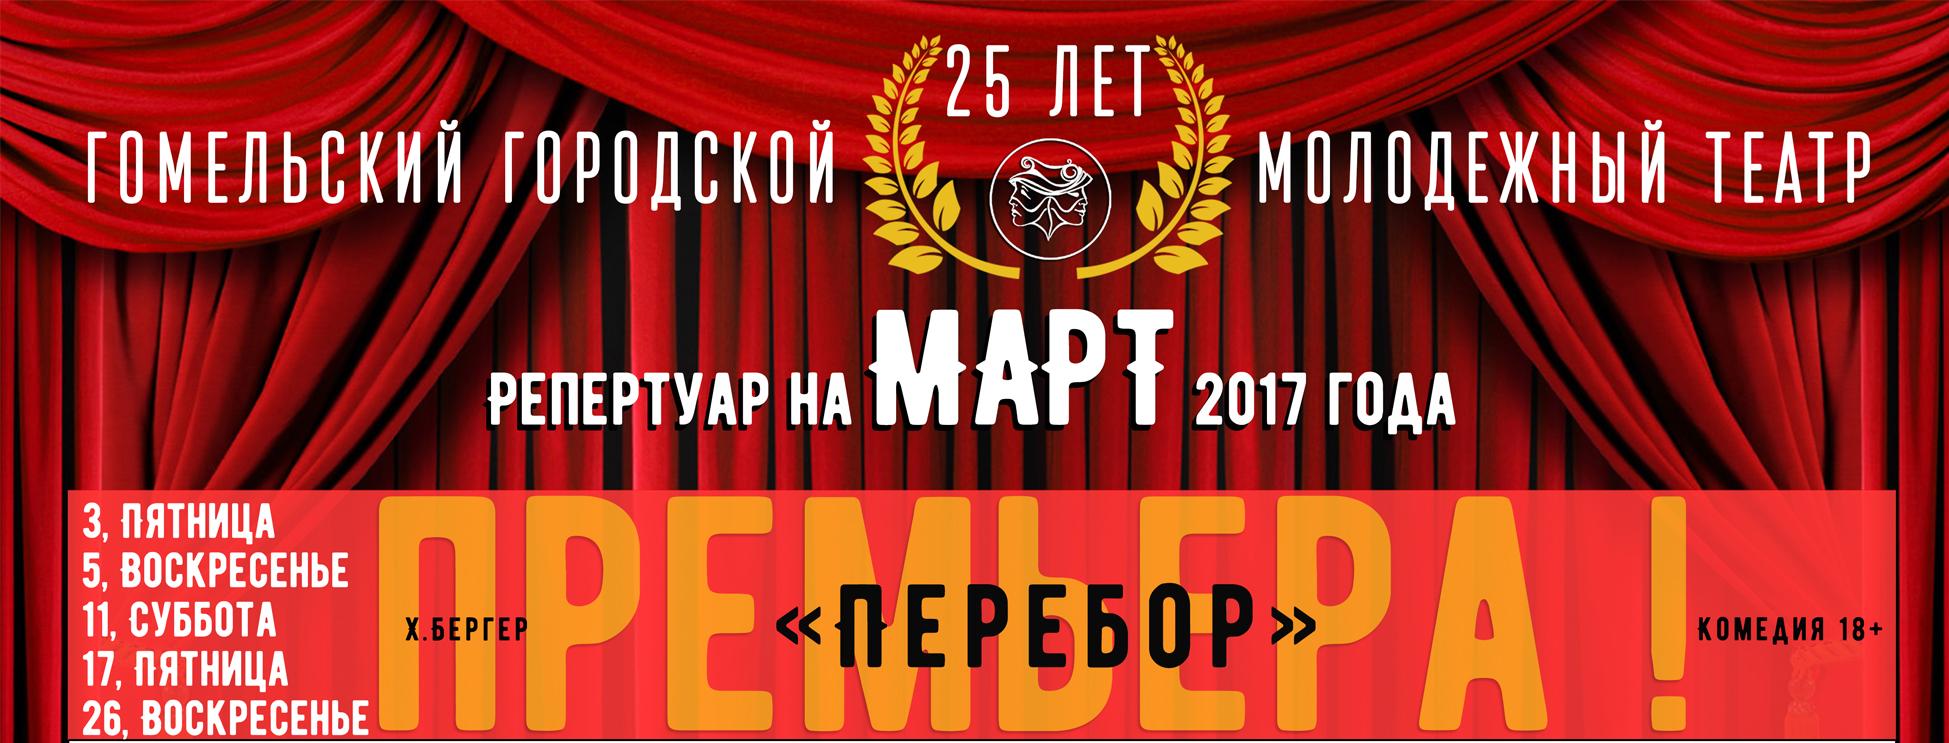 Афиша Репертуарная МАРТ мал2